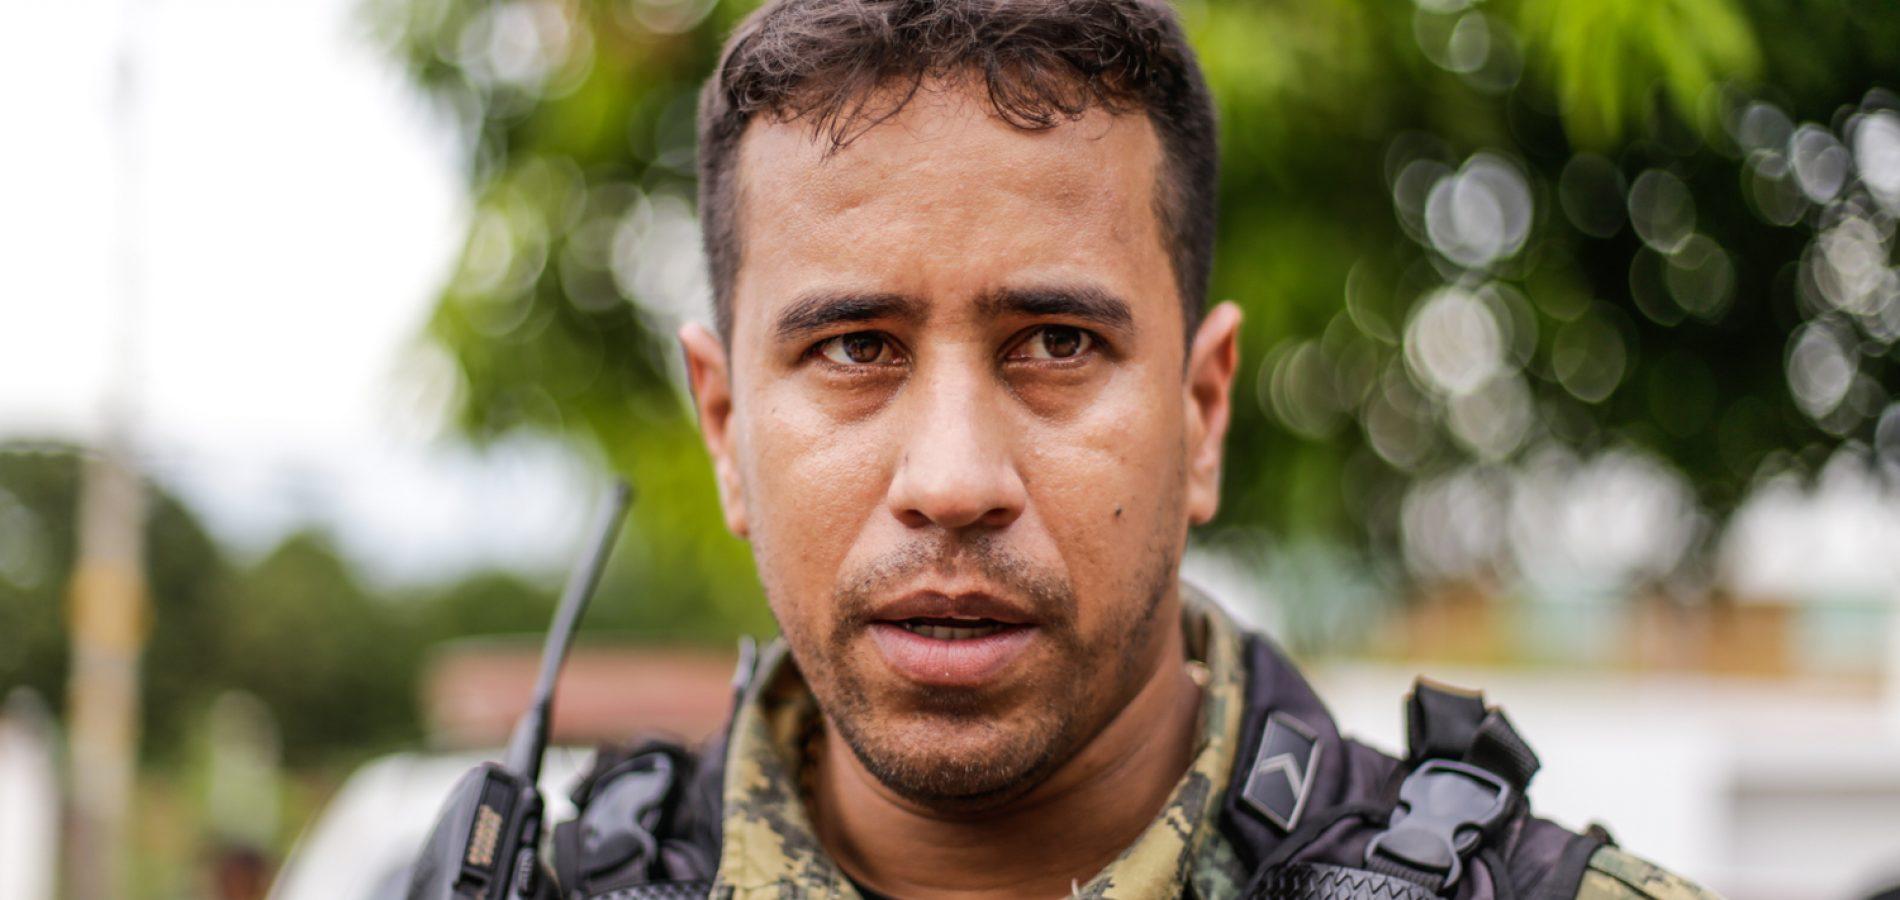 PI | Ex policial é aprontado como líder de grupo suspeito de roubo, homicídio e pistolagem